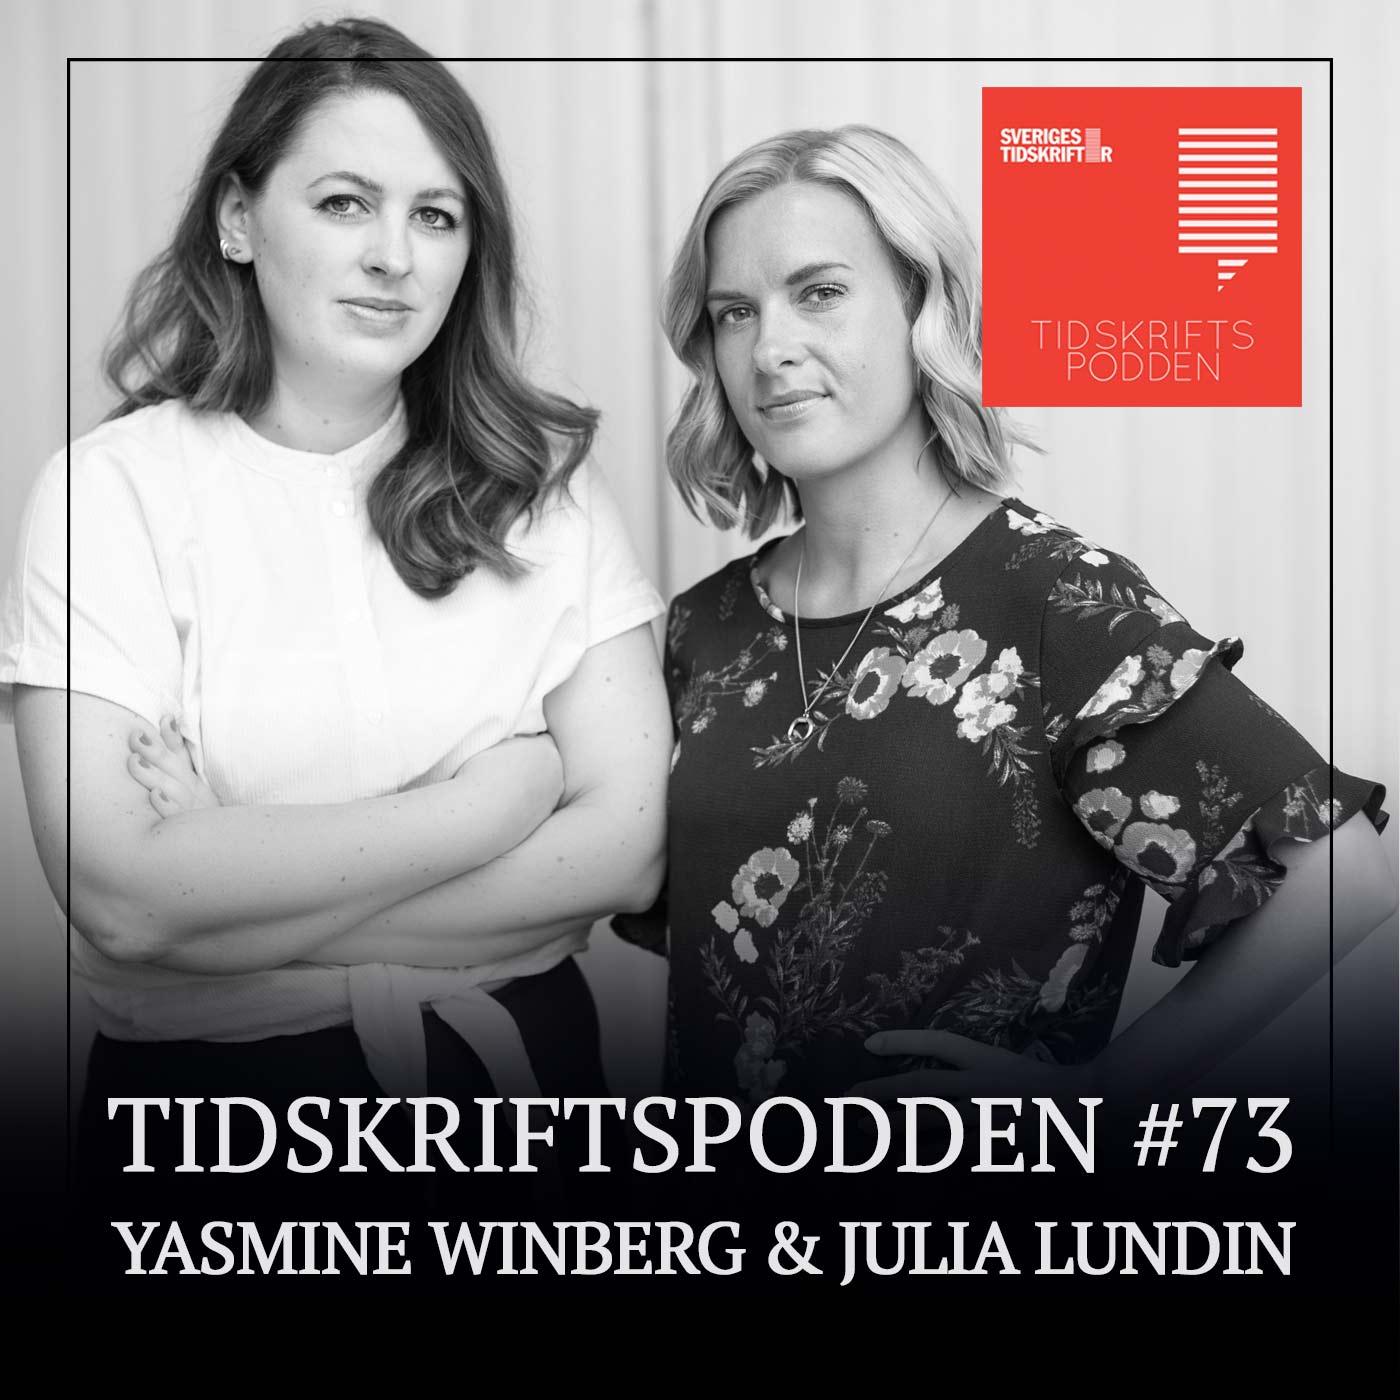 Yasmine Winberg och Julia Lundin